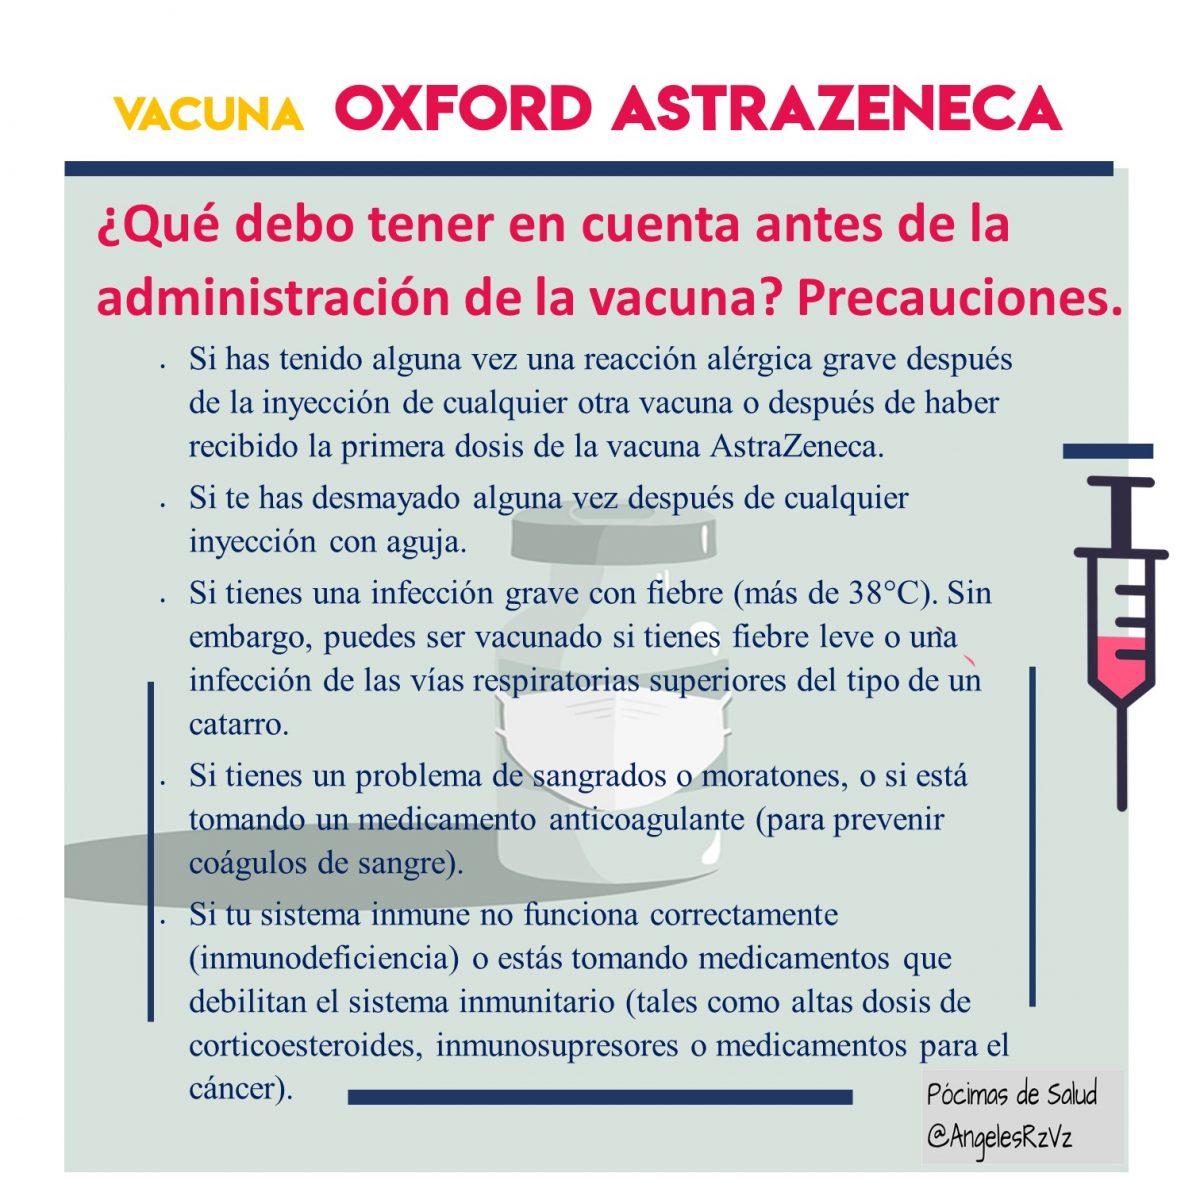 Precauciones vacuna AstraZeneca